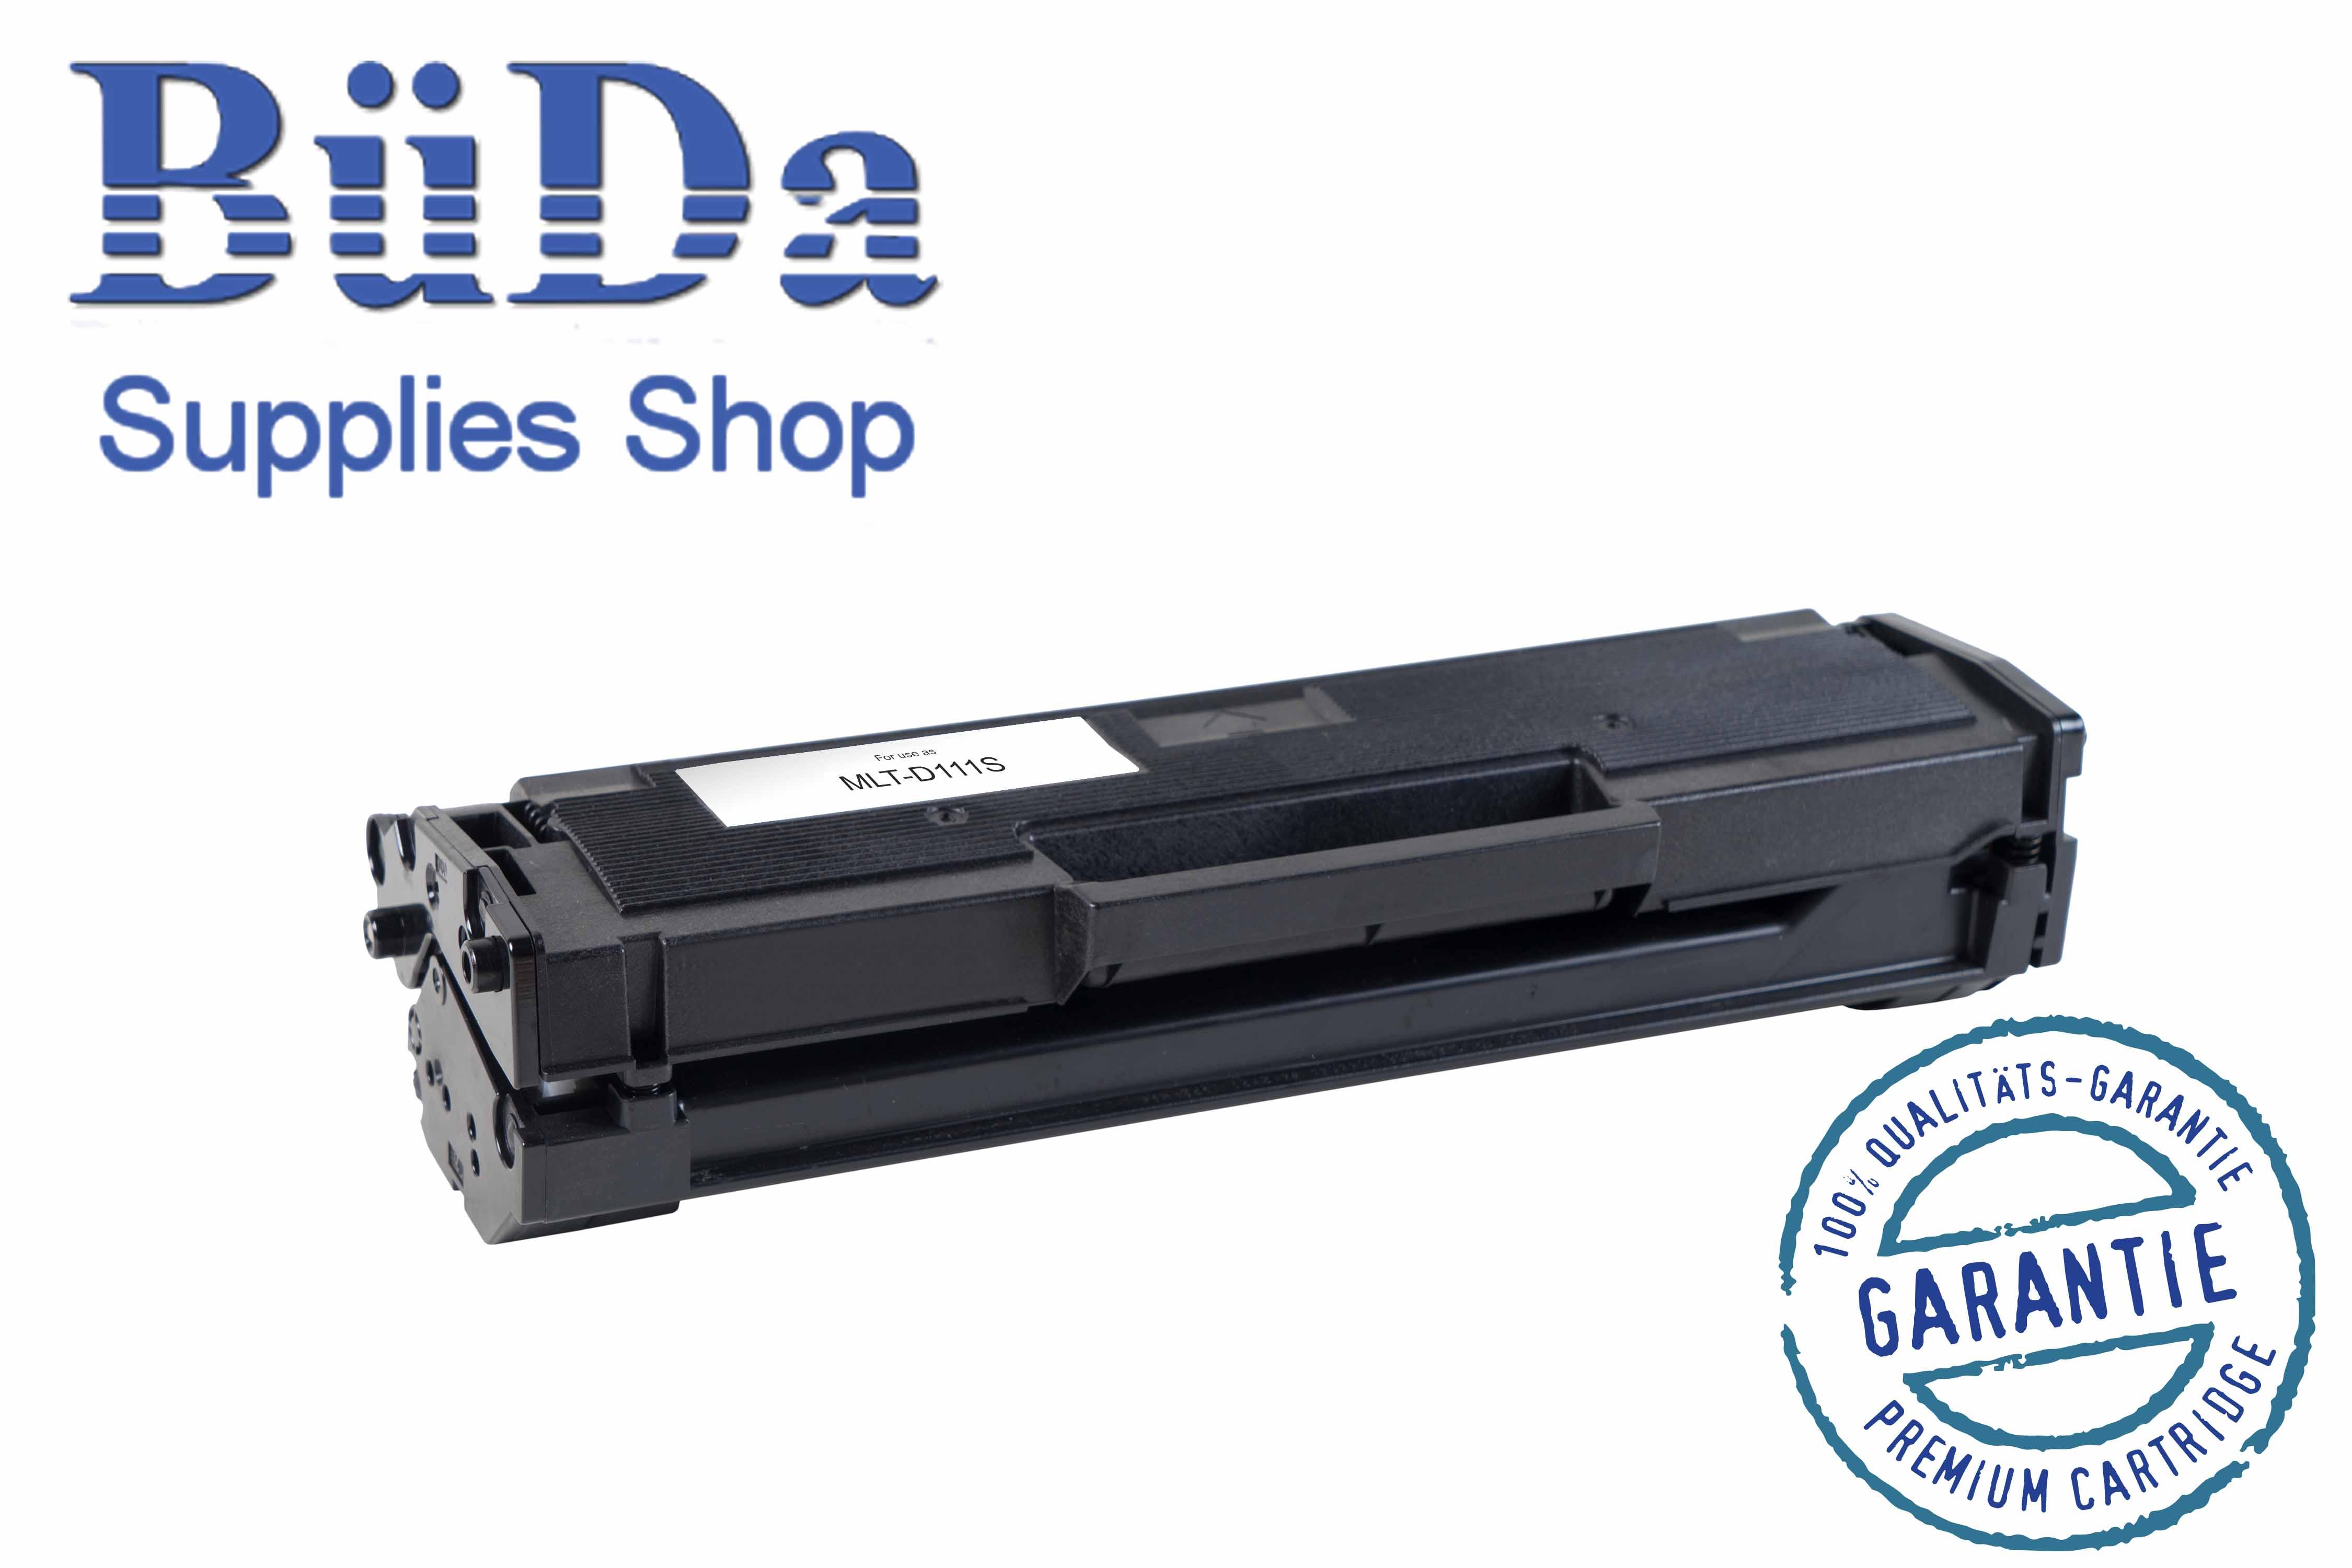 Toner-Modul komp. zu MLT-D111S black 1000 Seiten